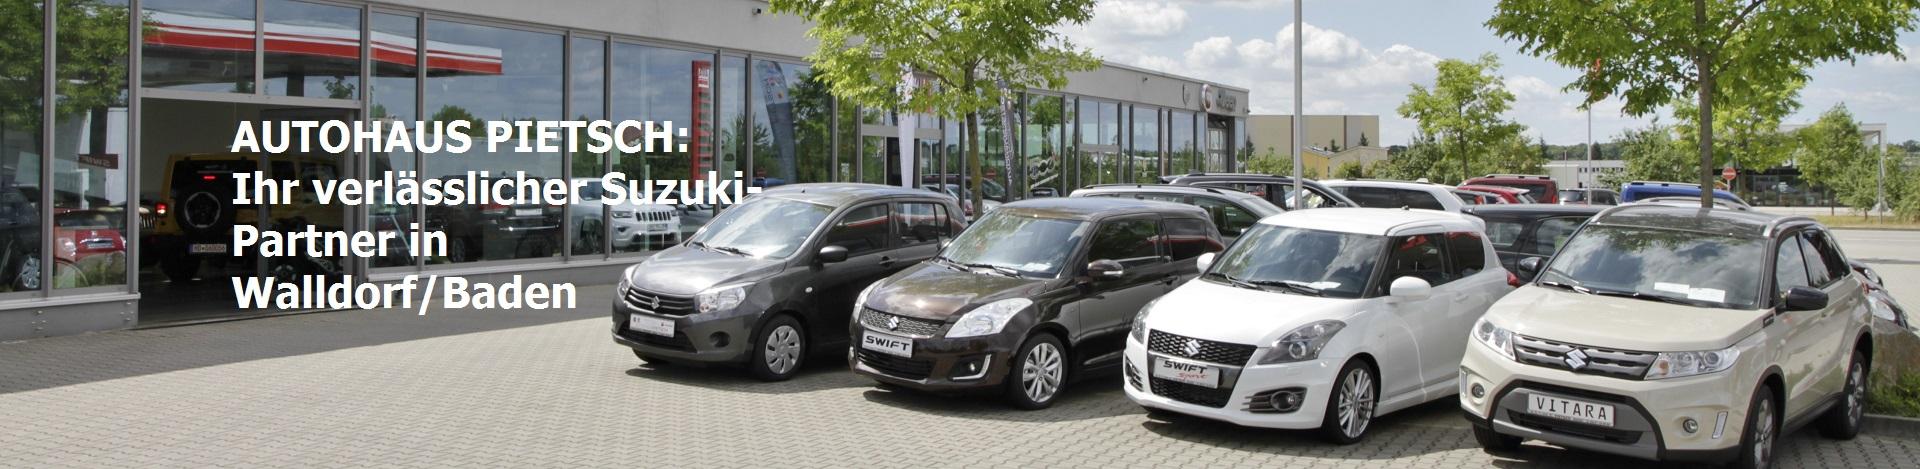 Autohaus Pietsch - Ihr verlässlicher Suzuki-Partner in Walldorf/Baden und der Metropolregion Rhein-Neckar